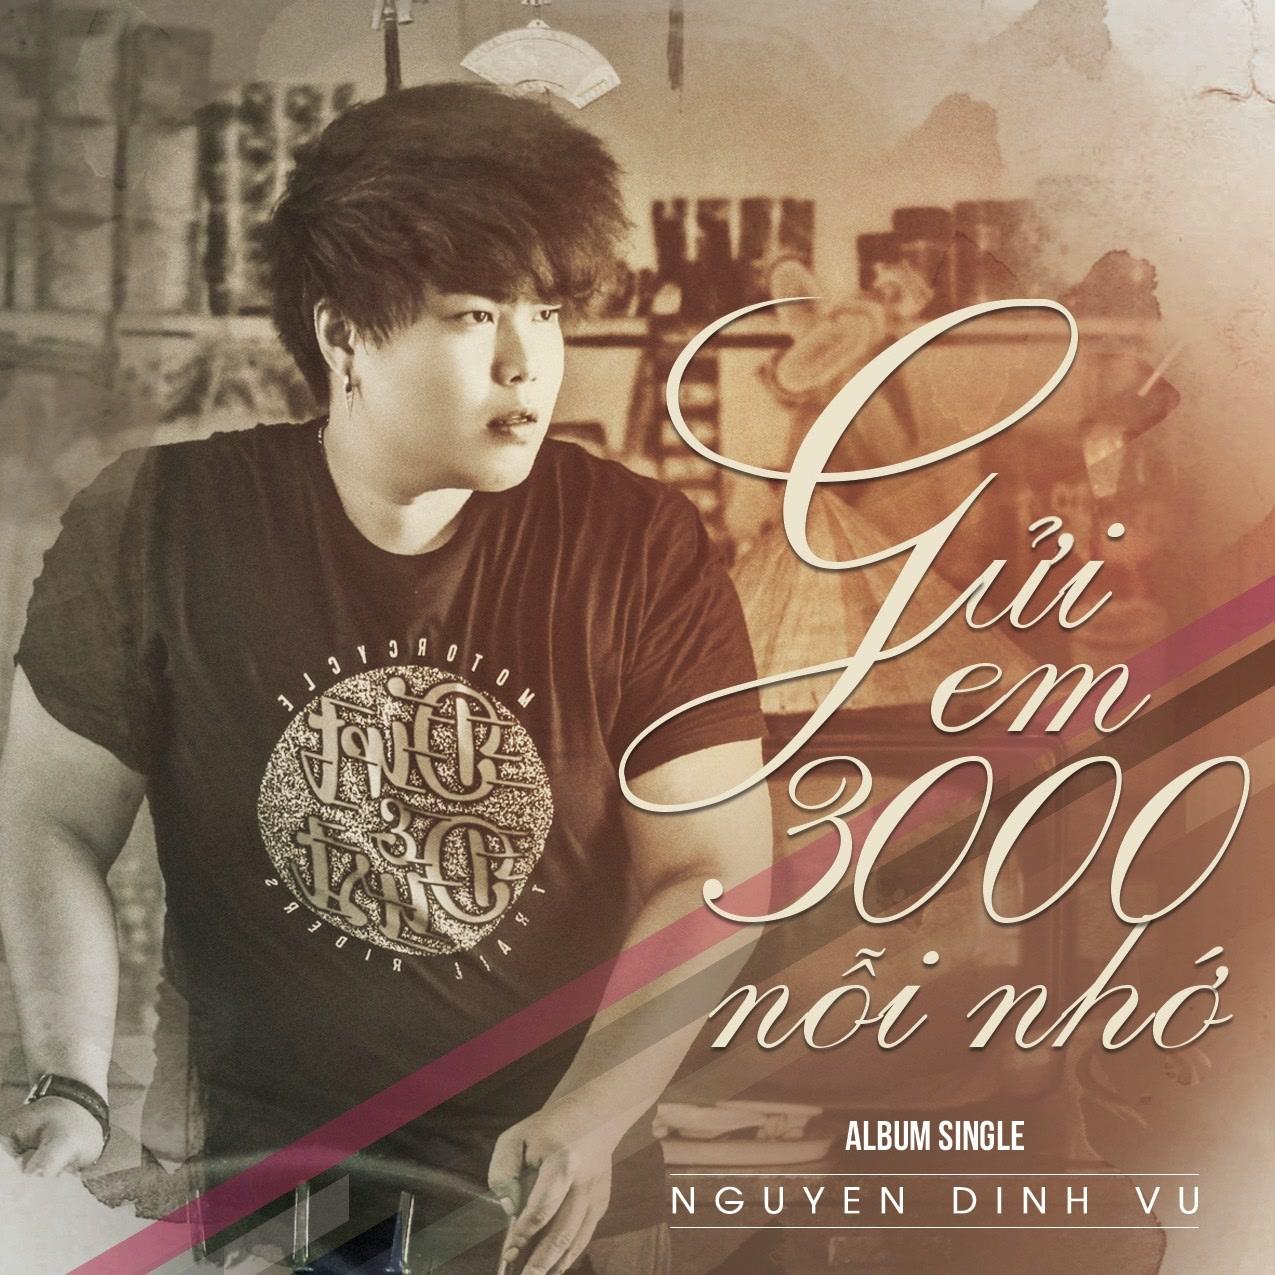 Gửi Em 3000 Nỗi Nhớ (Single) - Nguyễn Đình Vũ